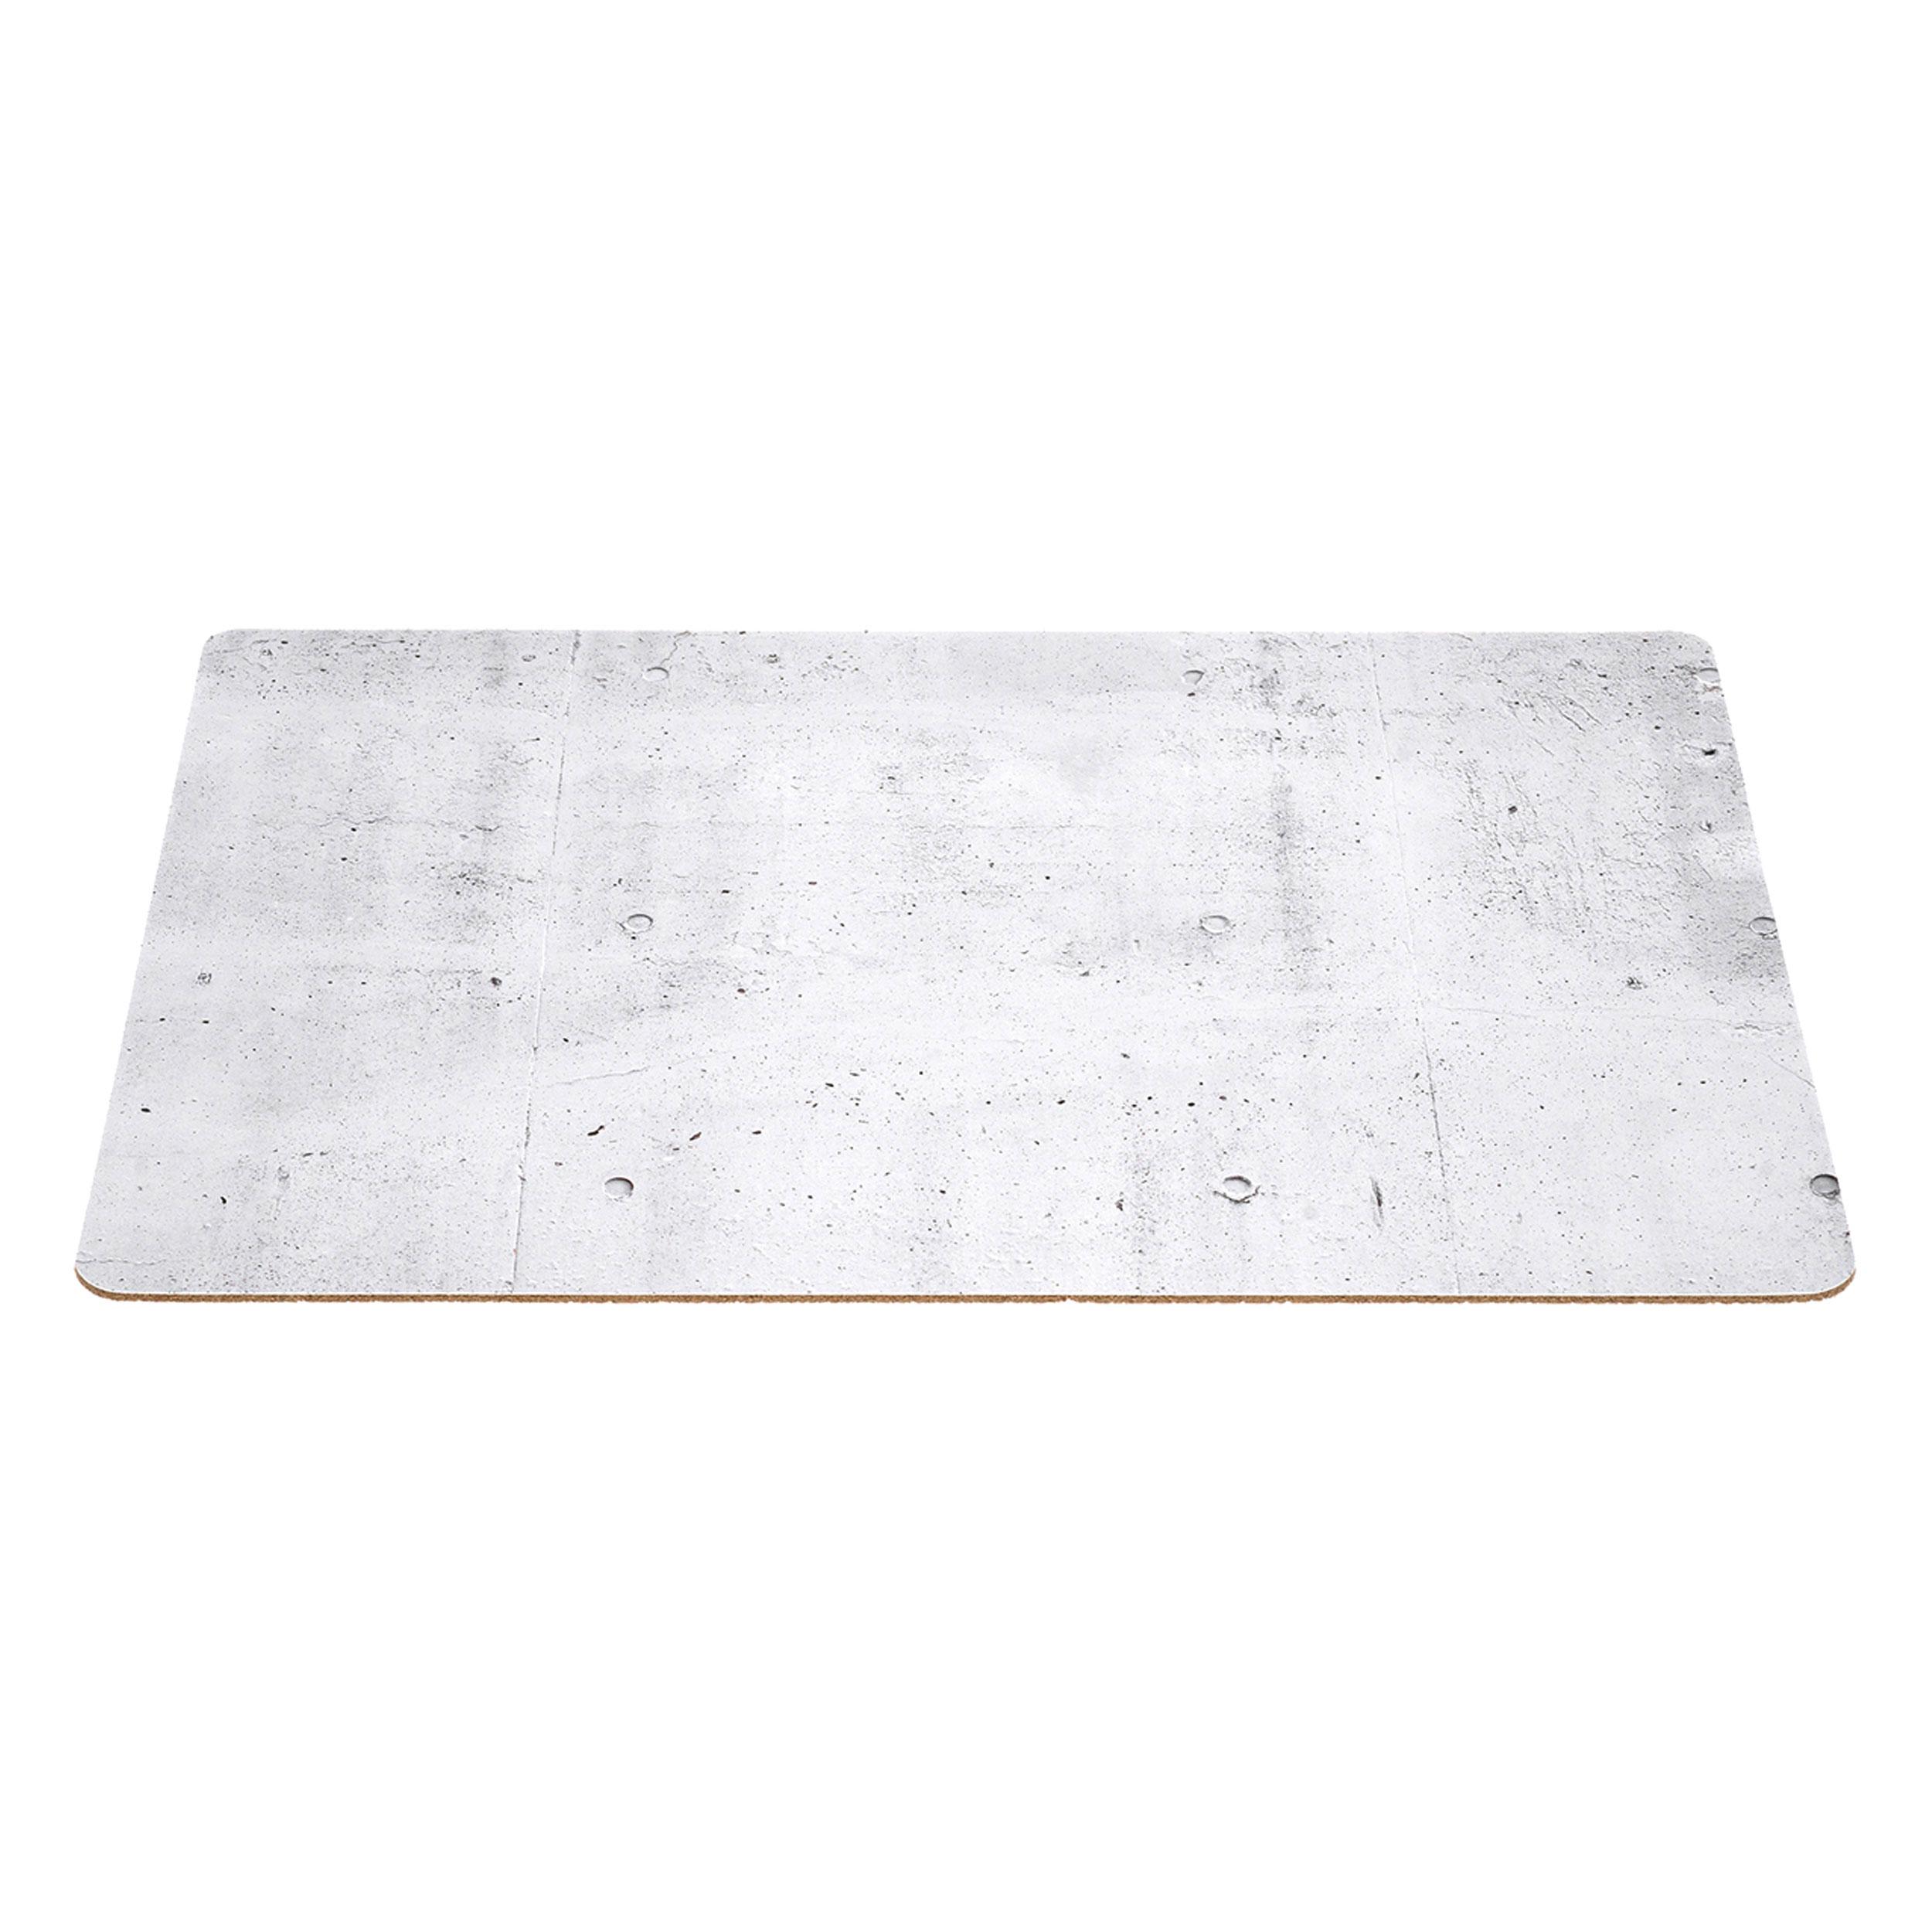 Leonardo Placemat Place Mat Table Mat Concrete Look Cork Grey